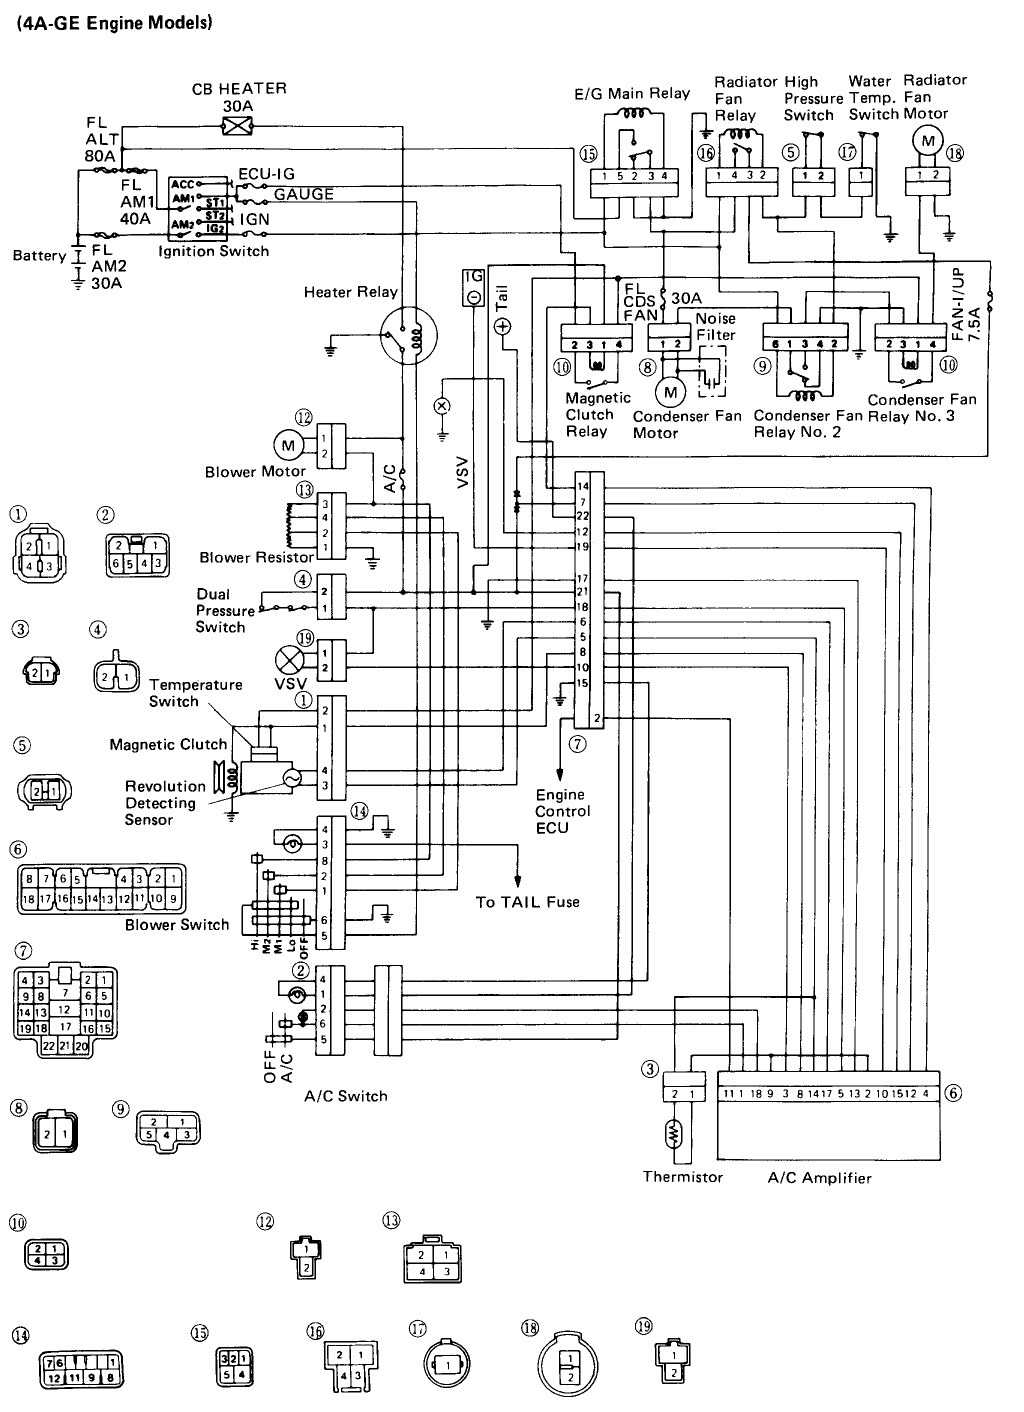 wiring diagram ac innova free download wiring diagram xwiaw ac rh xwiaw us Home AC Wiring Diagram Home AC Wiring Diagram